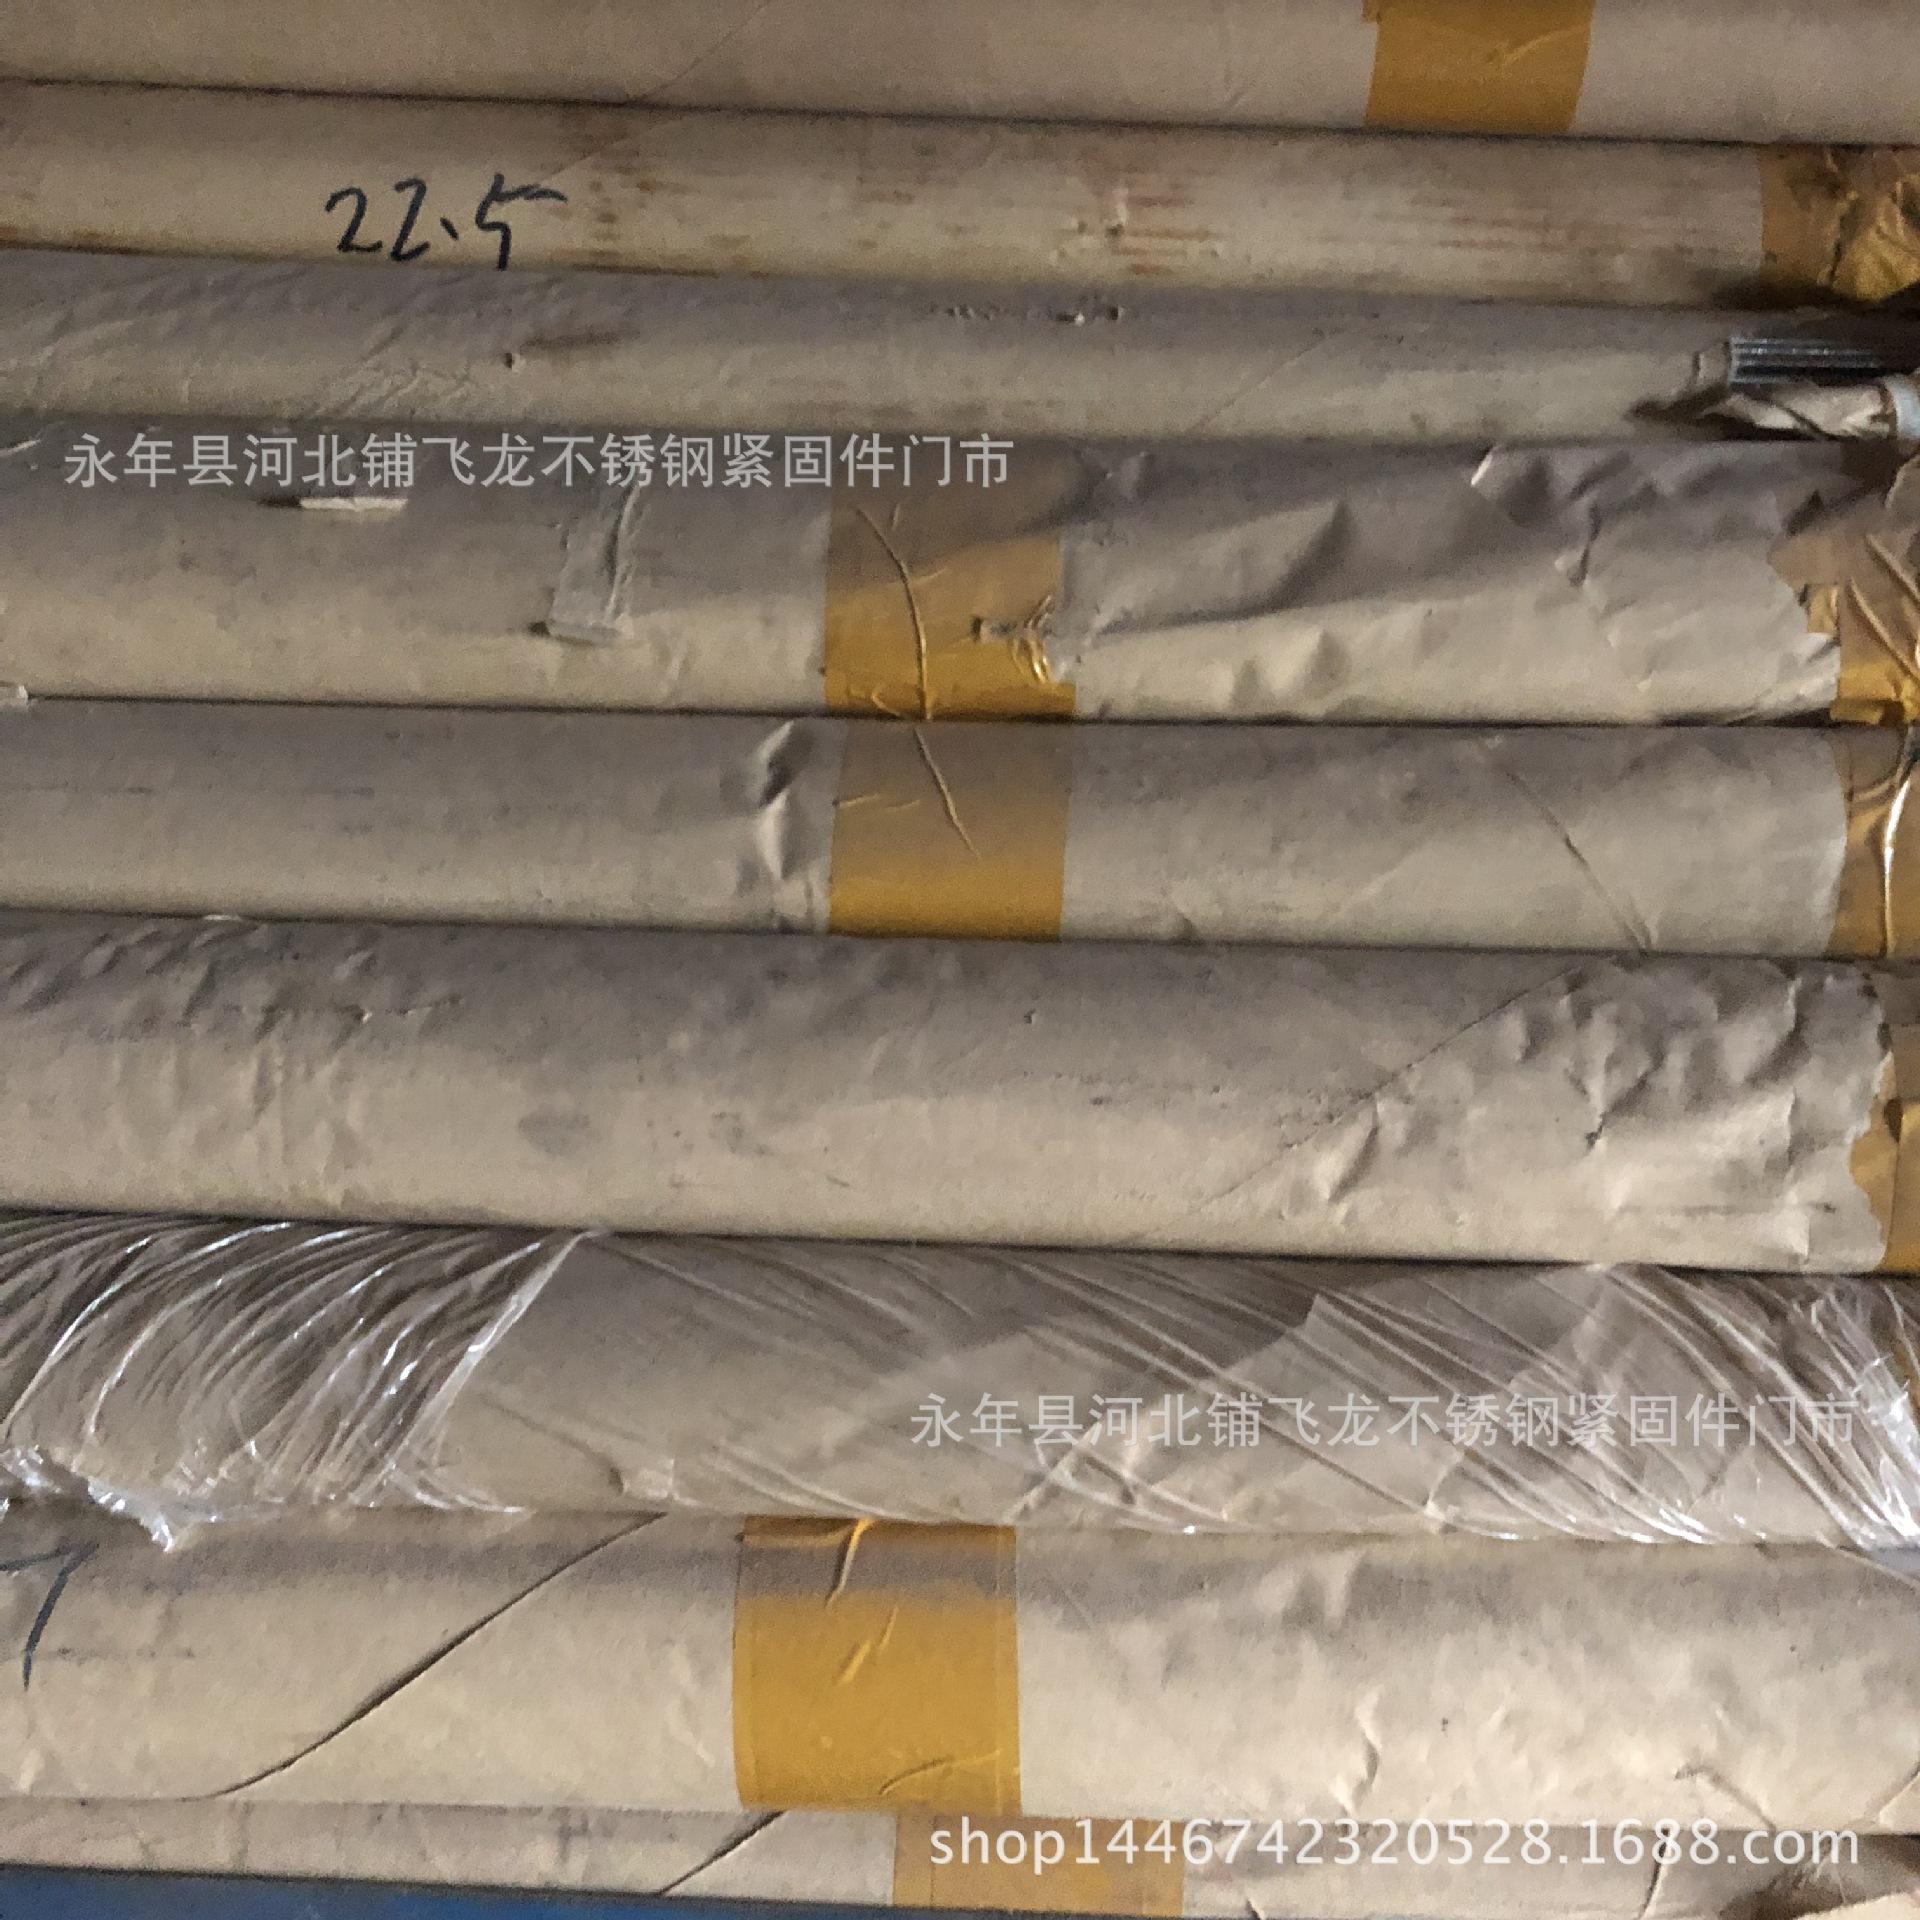 厂家直销 不锈钢  201  M4-M45丝杆 长期�现台湾佬电影网供应∑